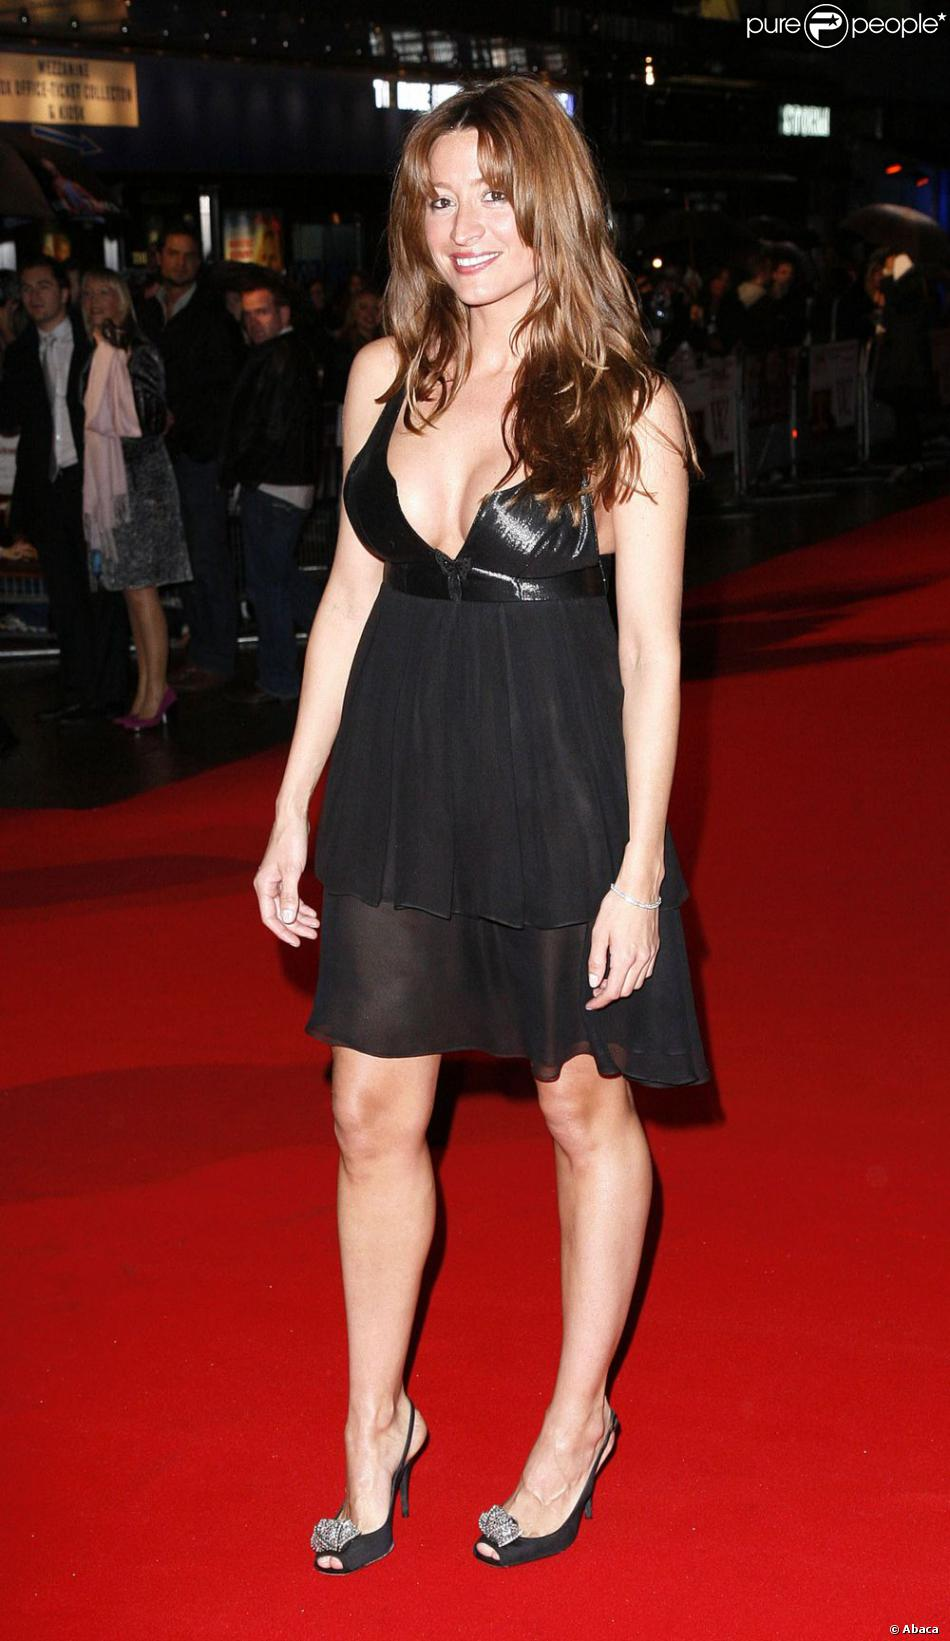 Rebecca Loos lors du Times BFI London Film Festival de 2008 à l'Odeon West End de Londres le 23 octobre 2008